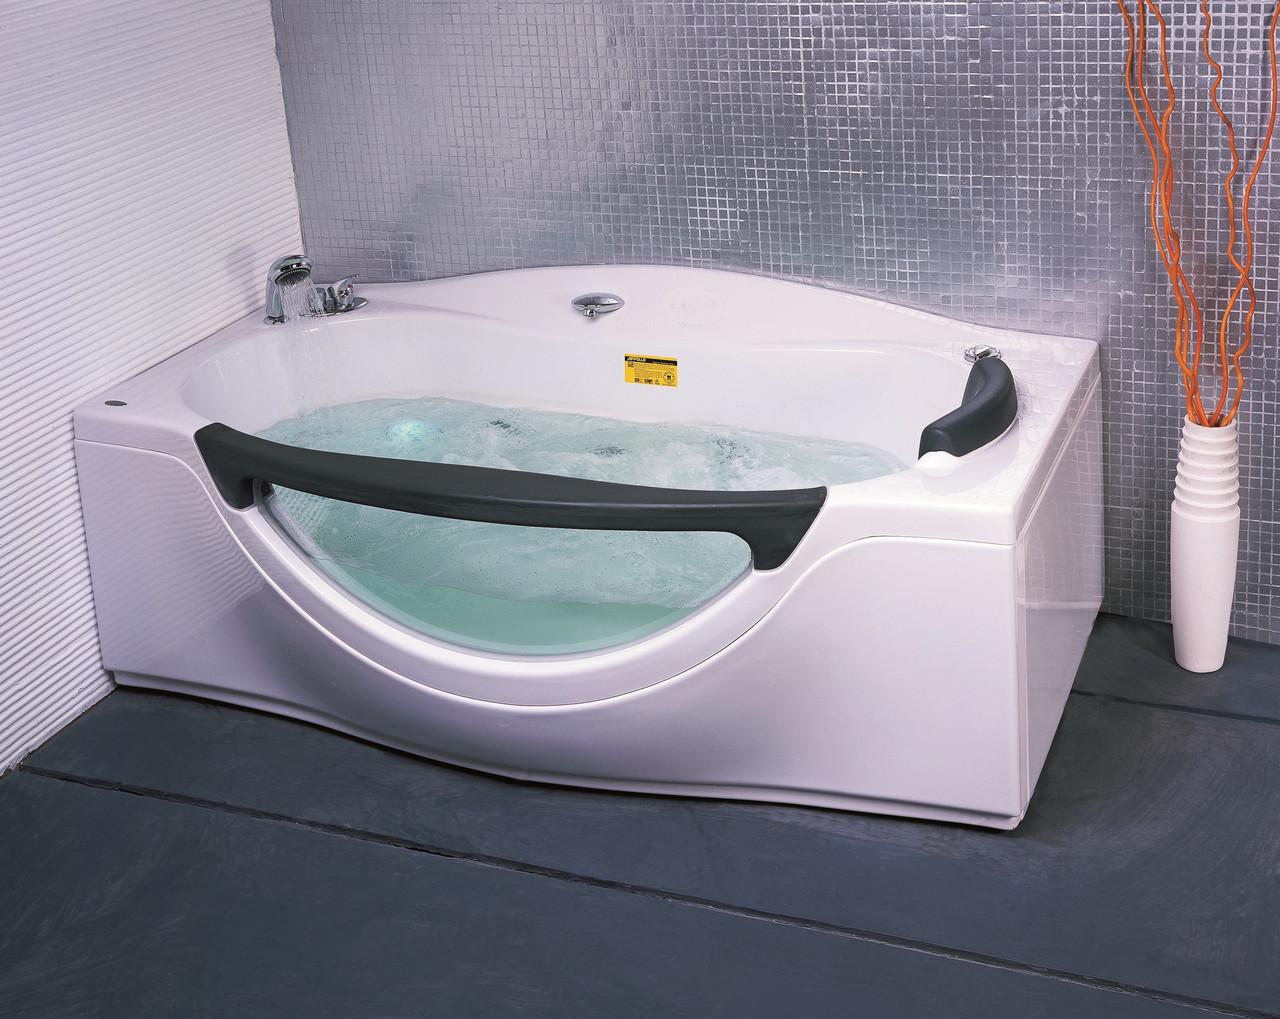 Ванна прямоугольная с гидромассажем и пневмокнопкой 1800*990*680 мм, с окошком